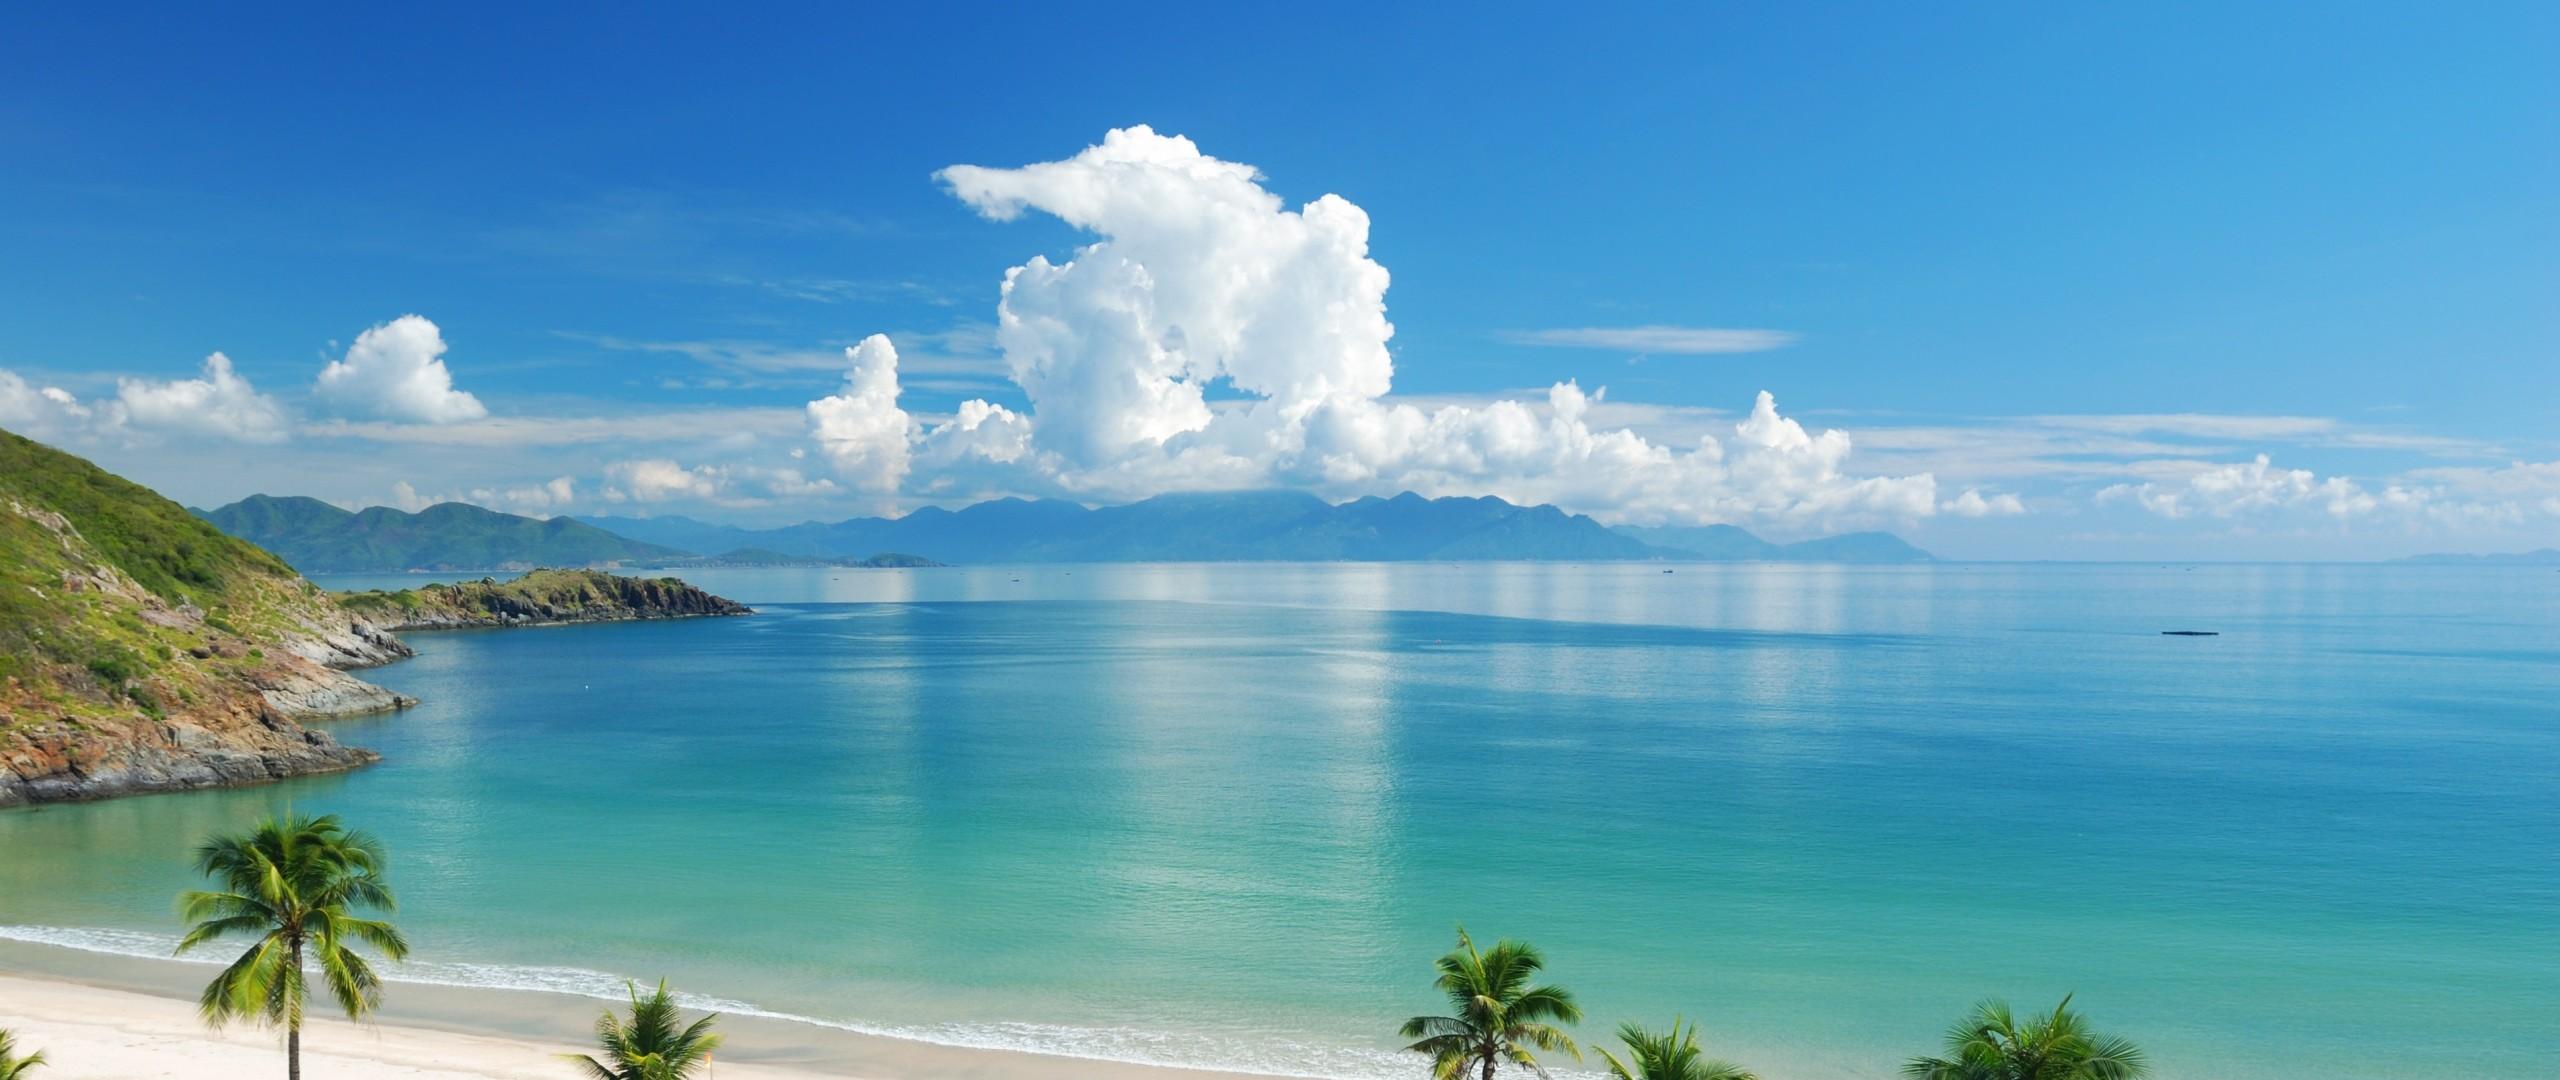 beach-wallpaper-desktop